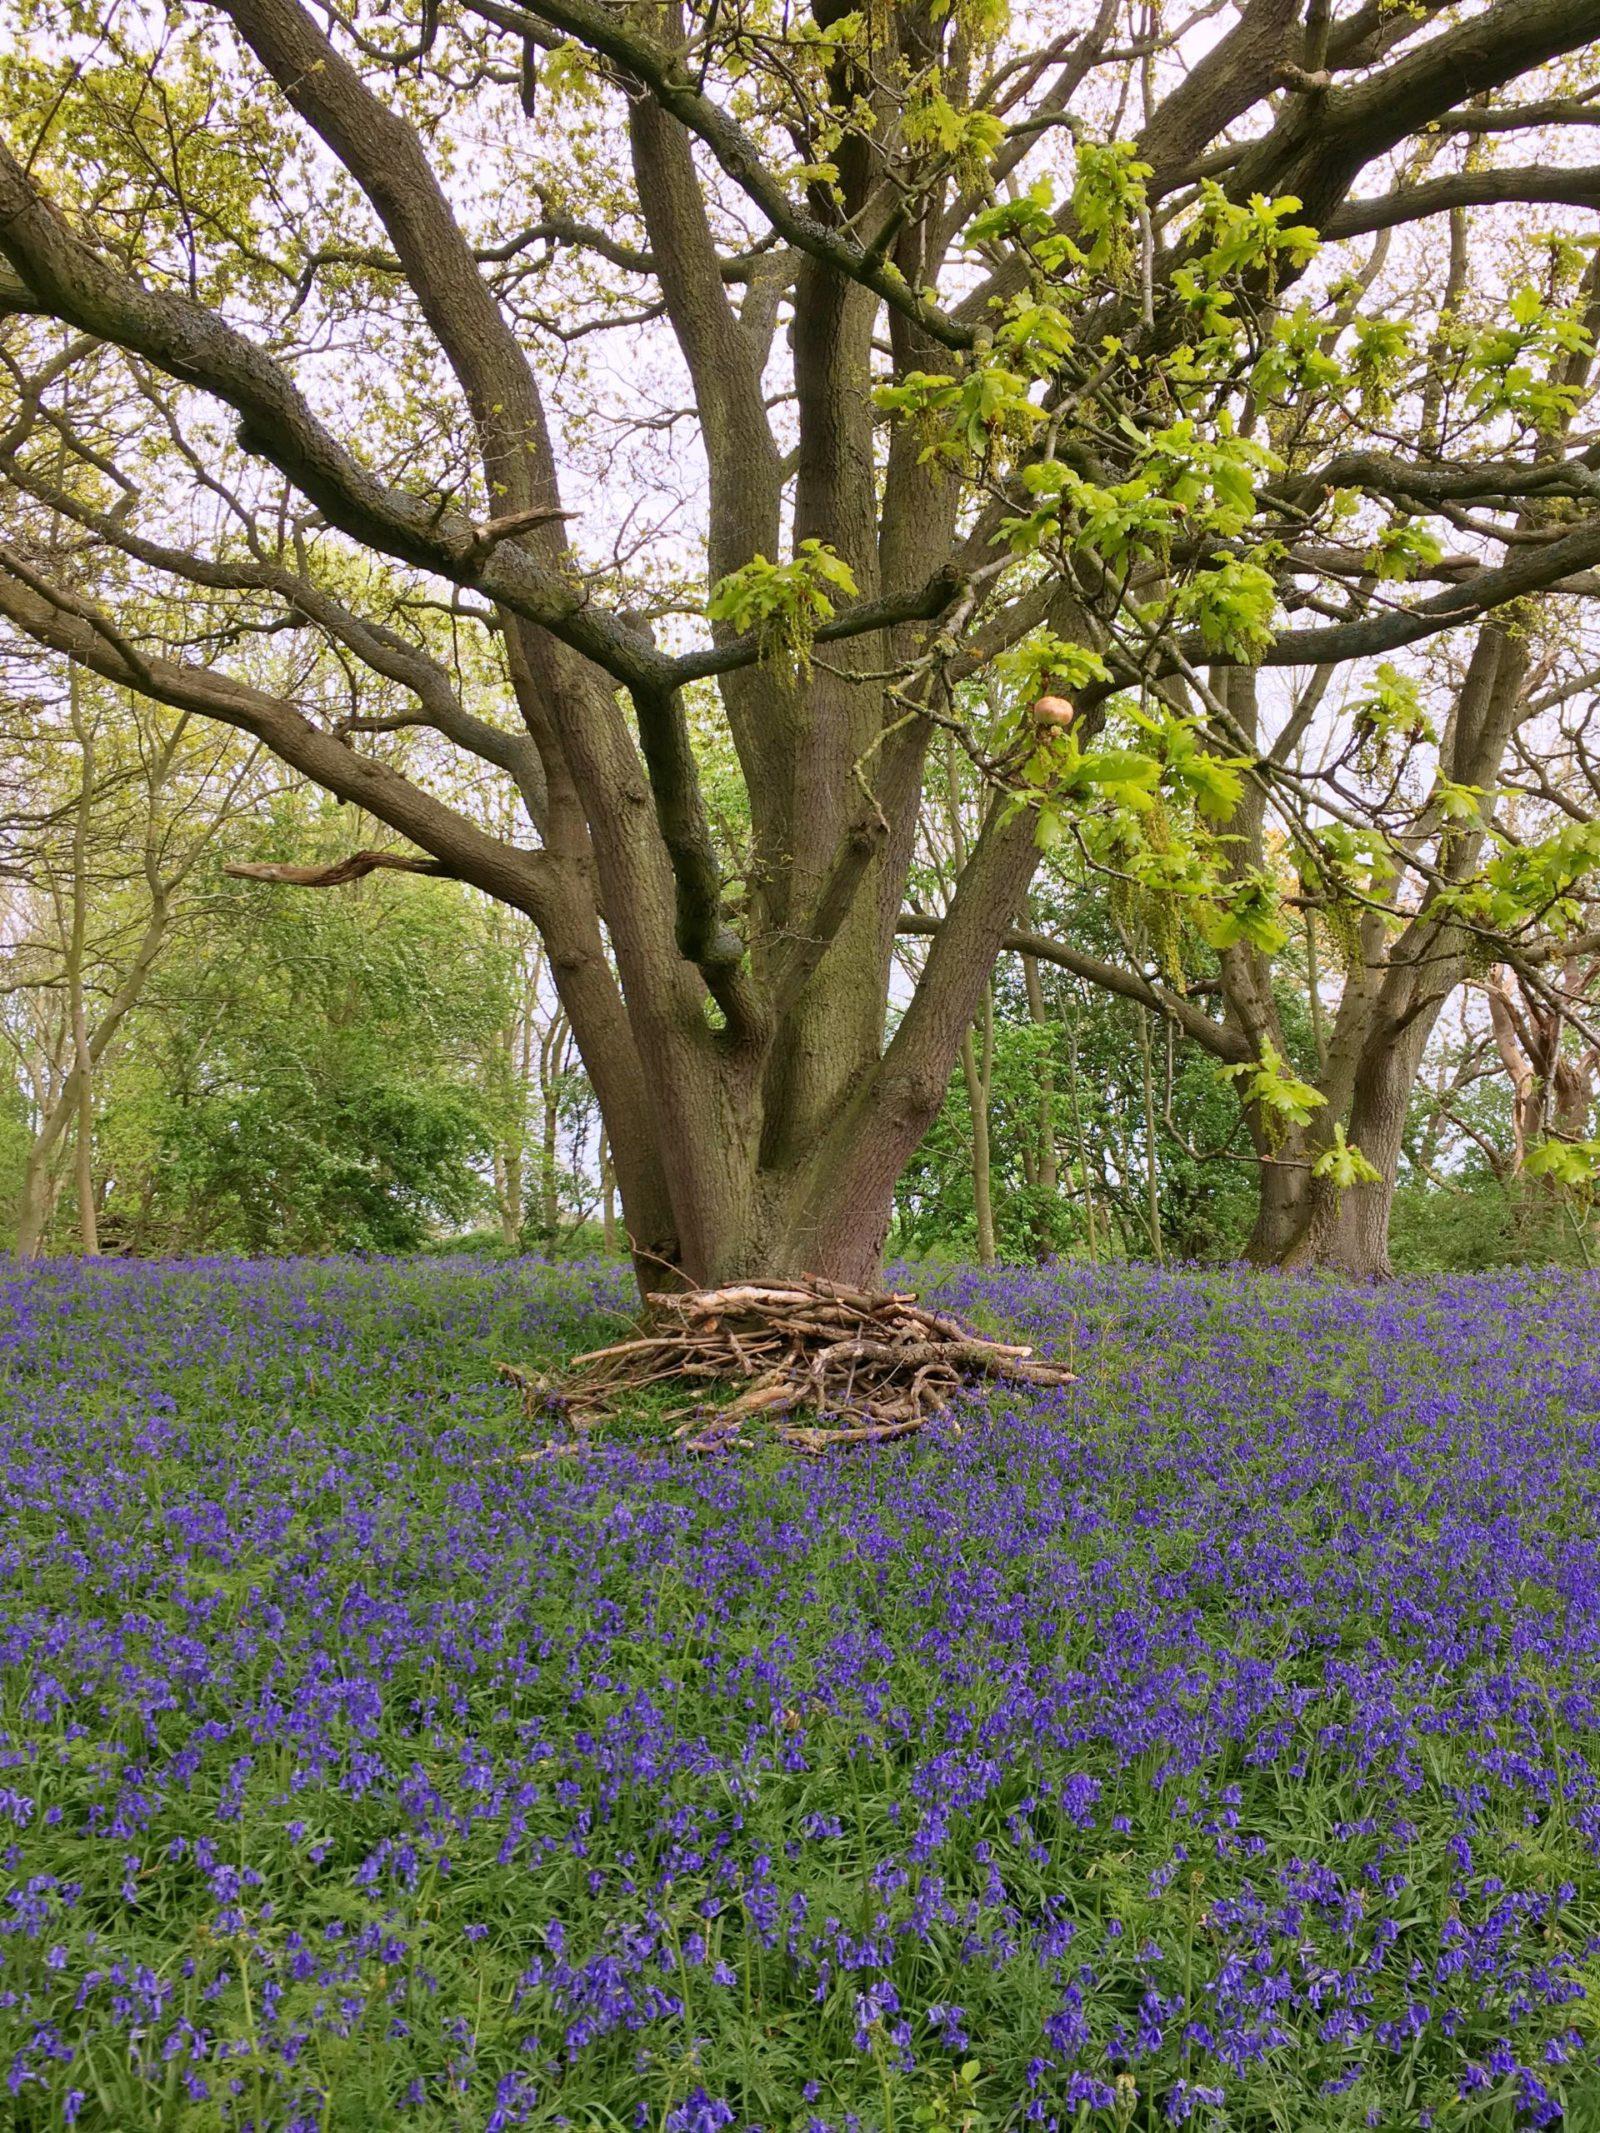 enchanted forest woodland wild bluebells wild flowers wild bloom norfolk england fairhaven